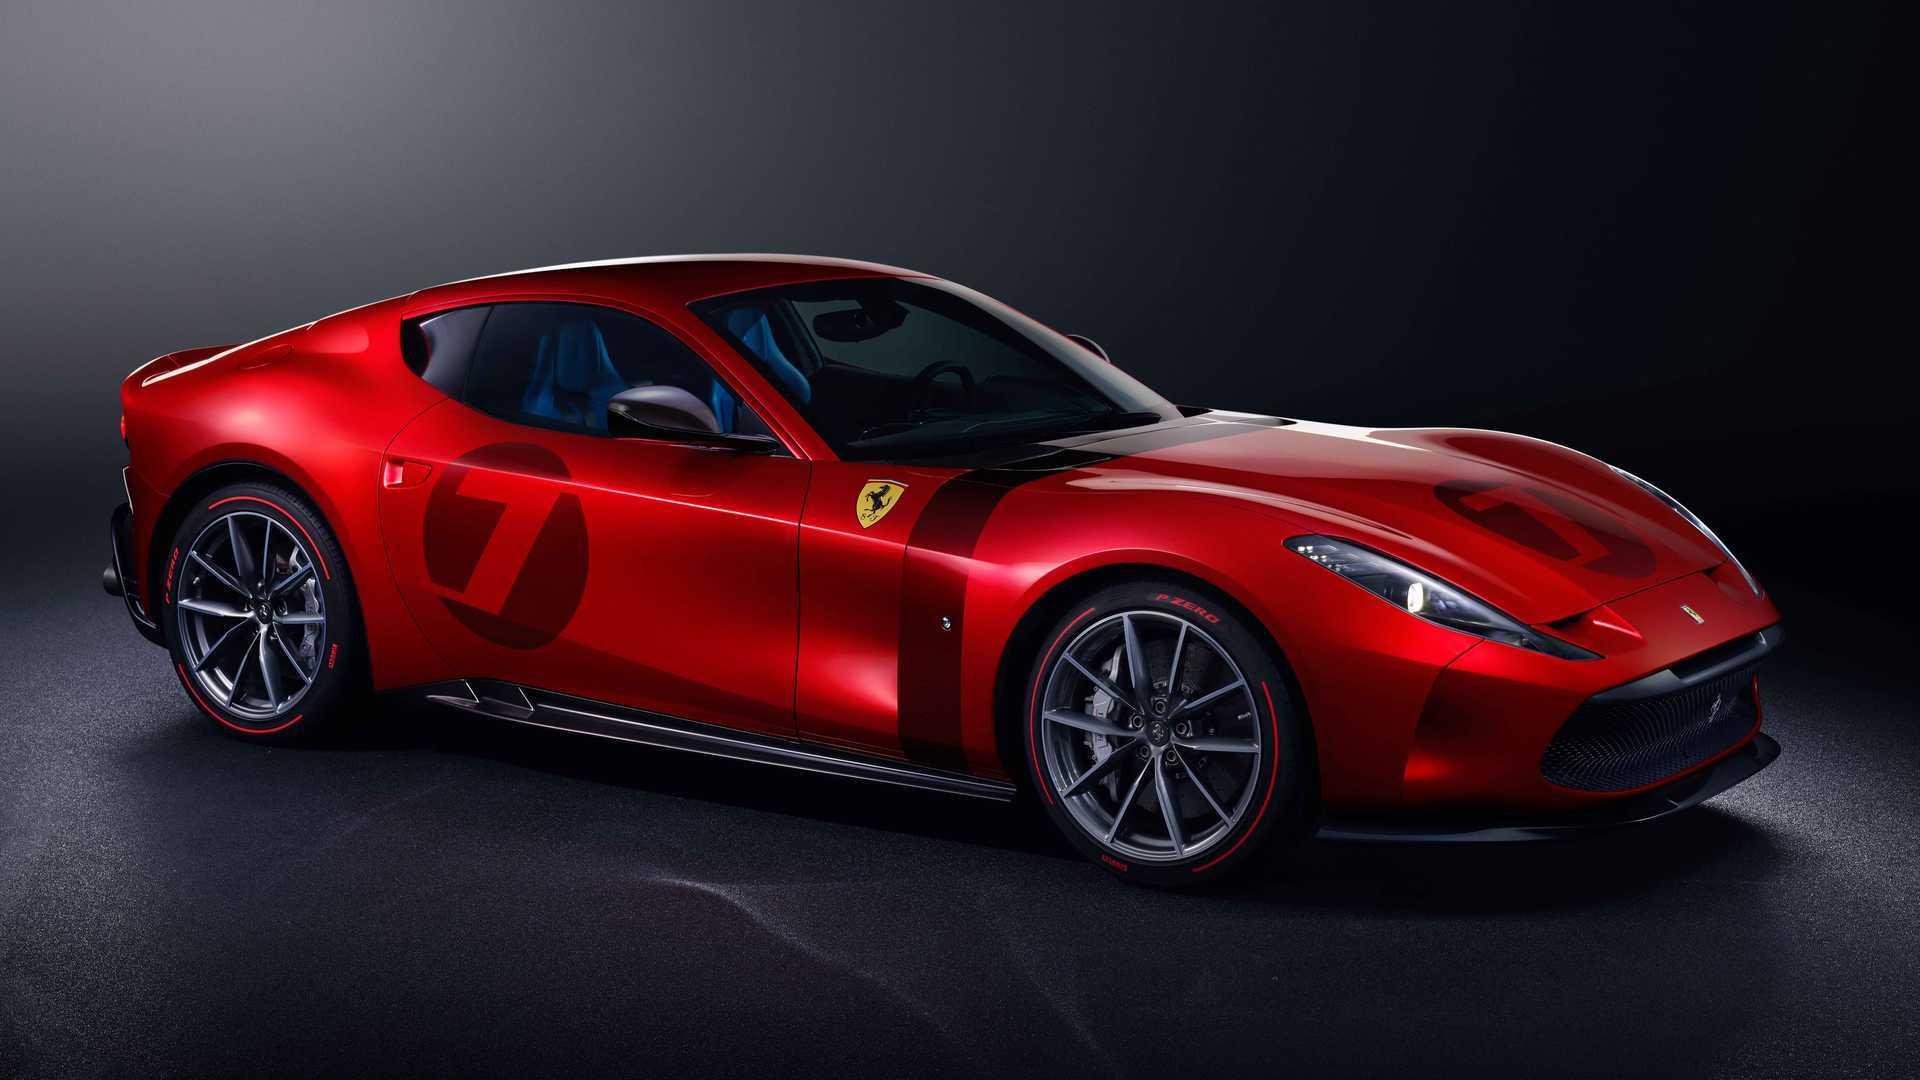 Ferrari Omologata: un one-off basado en el 812 Superfast